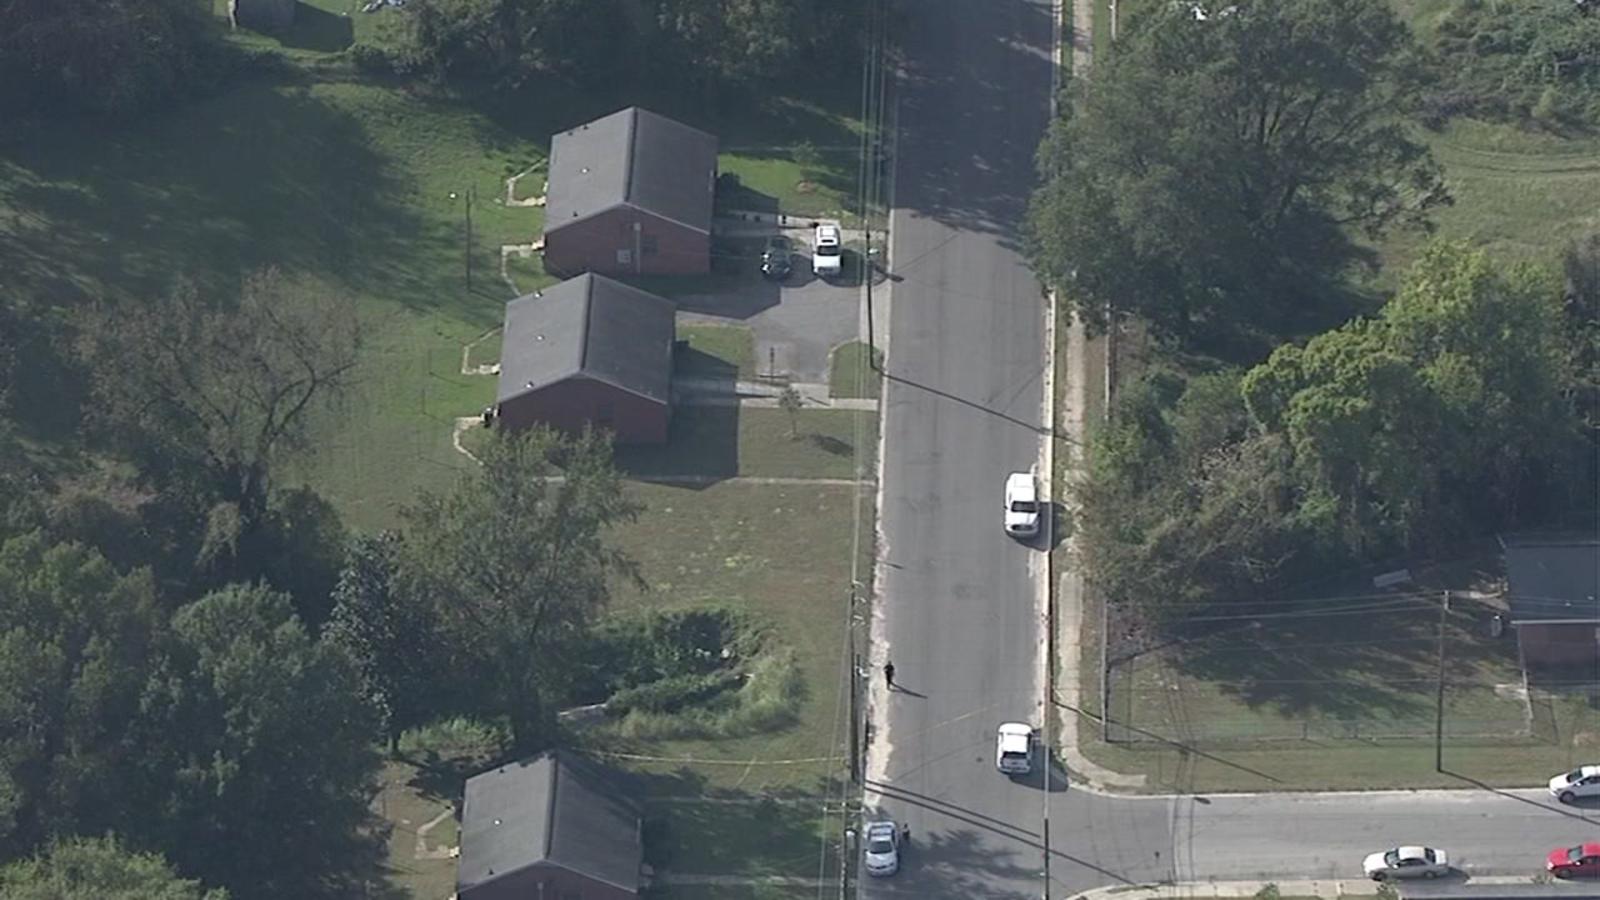 Body Found Inside Container Near Road In Goldsboro Abc11 Com